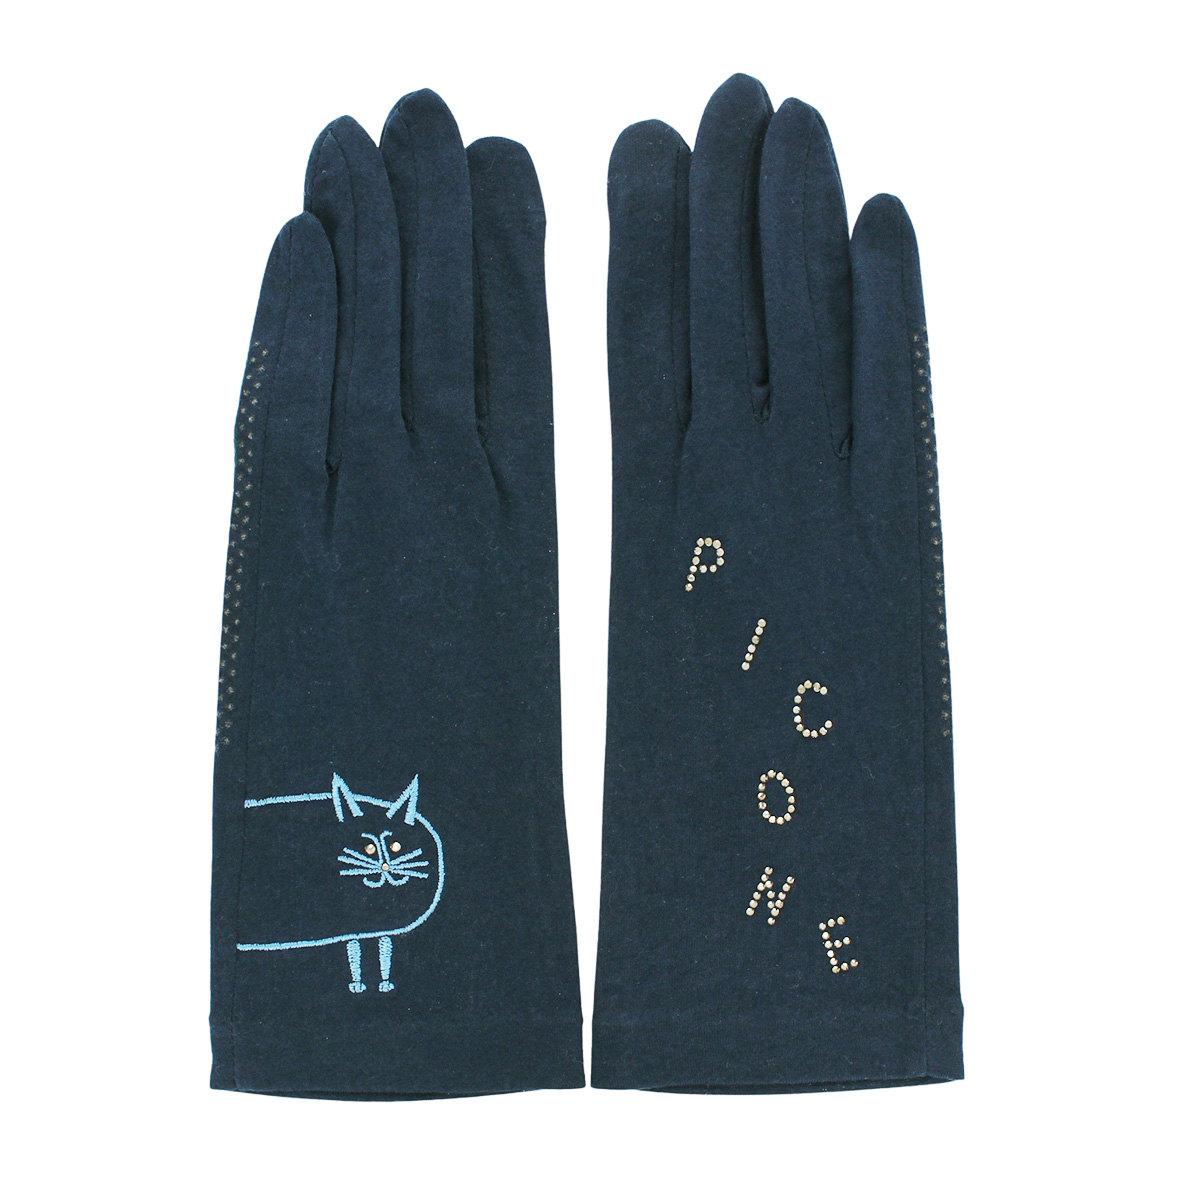 ピッコーネ レディース UV手袋 紫外線対策 綿100% ショート丈 25cm 五本指 抗菌 抗ウイルス 花粉対策 敏感肌対応 スマホ タッチパネル対応 滑りどめ付 洗える